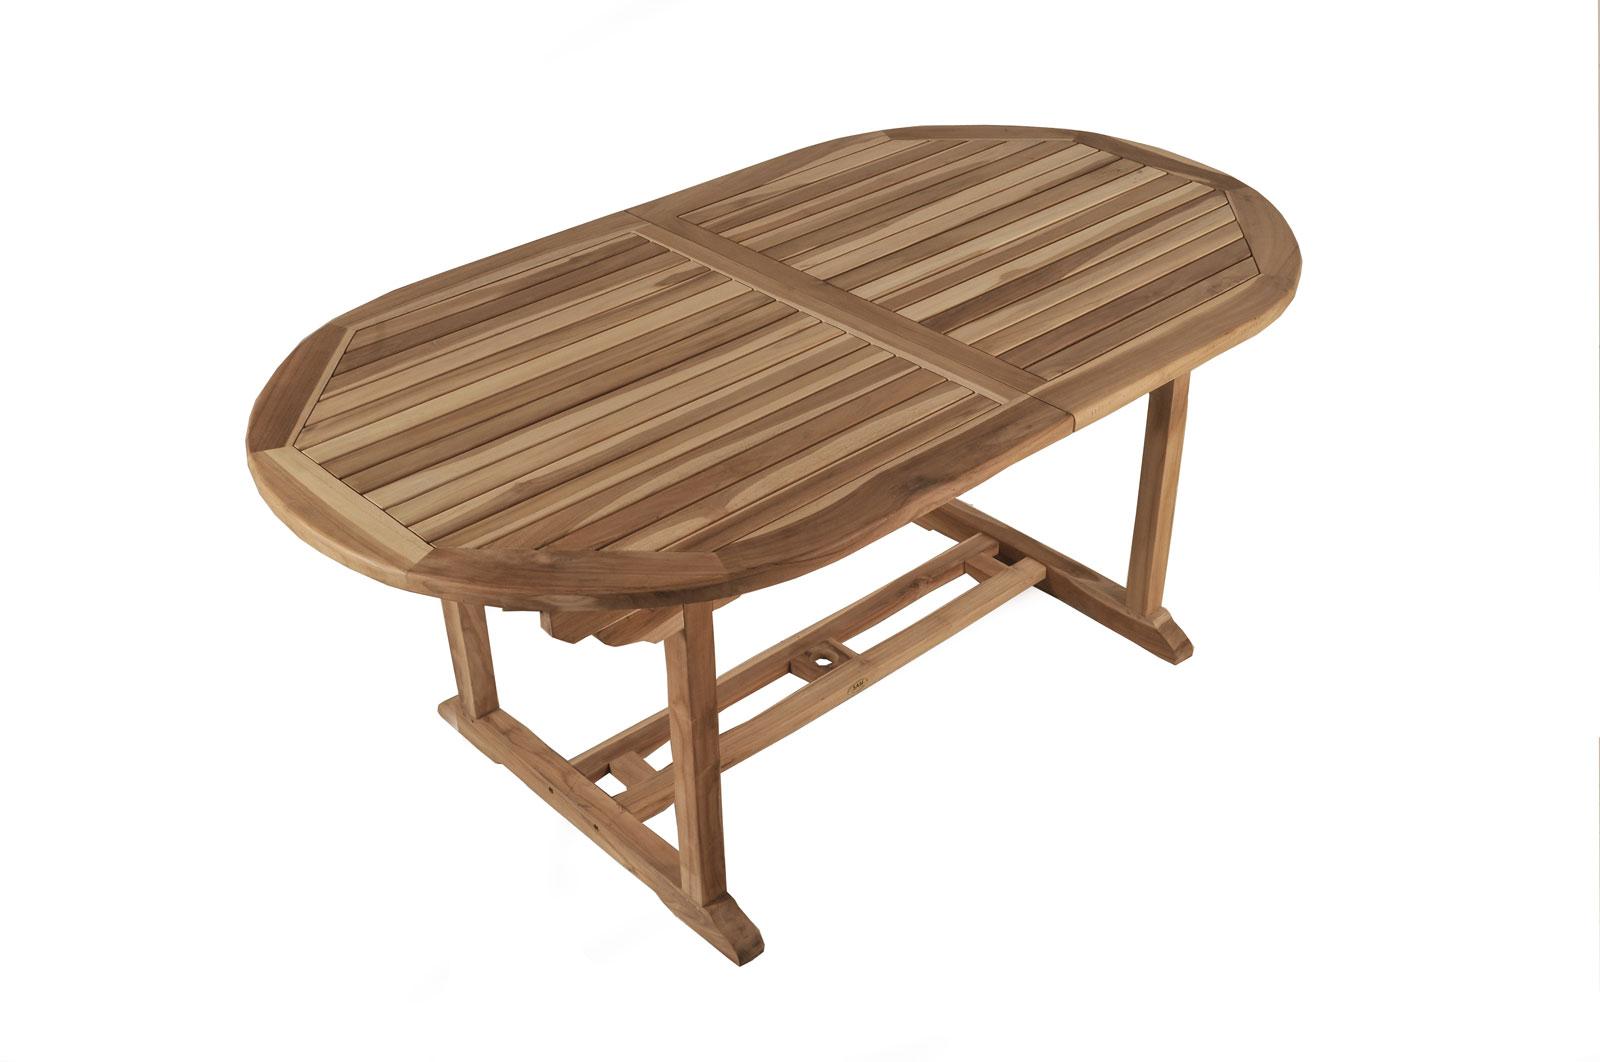 SAM® Gartenmoebel Set 7tlg Akazie Tisch Oval 180 230 Cm SAINT TROPEZ Auf  Lager